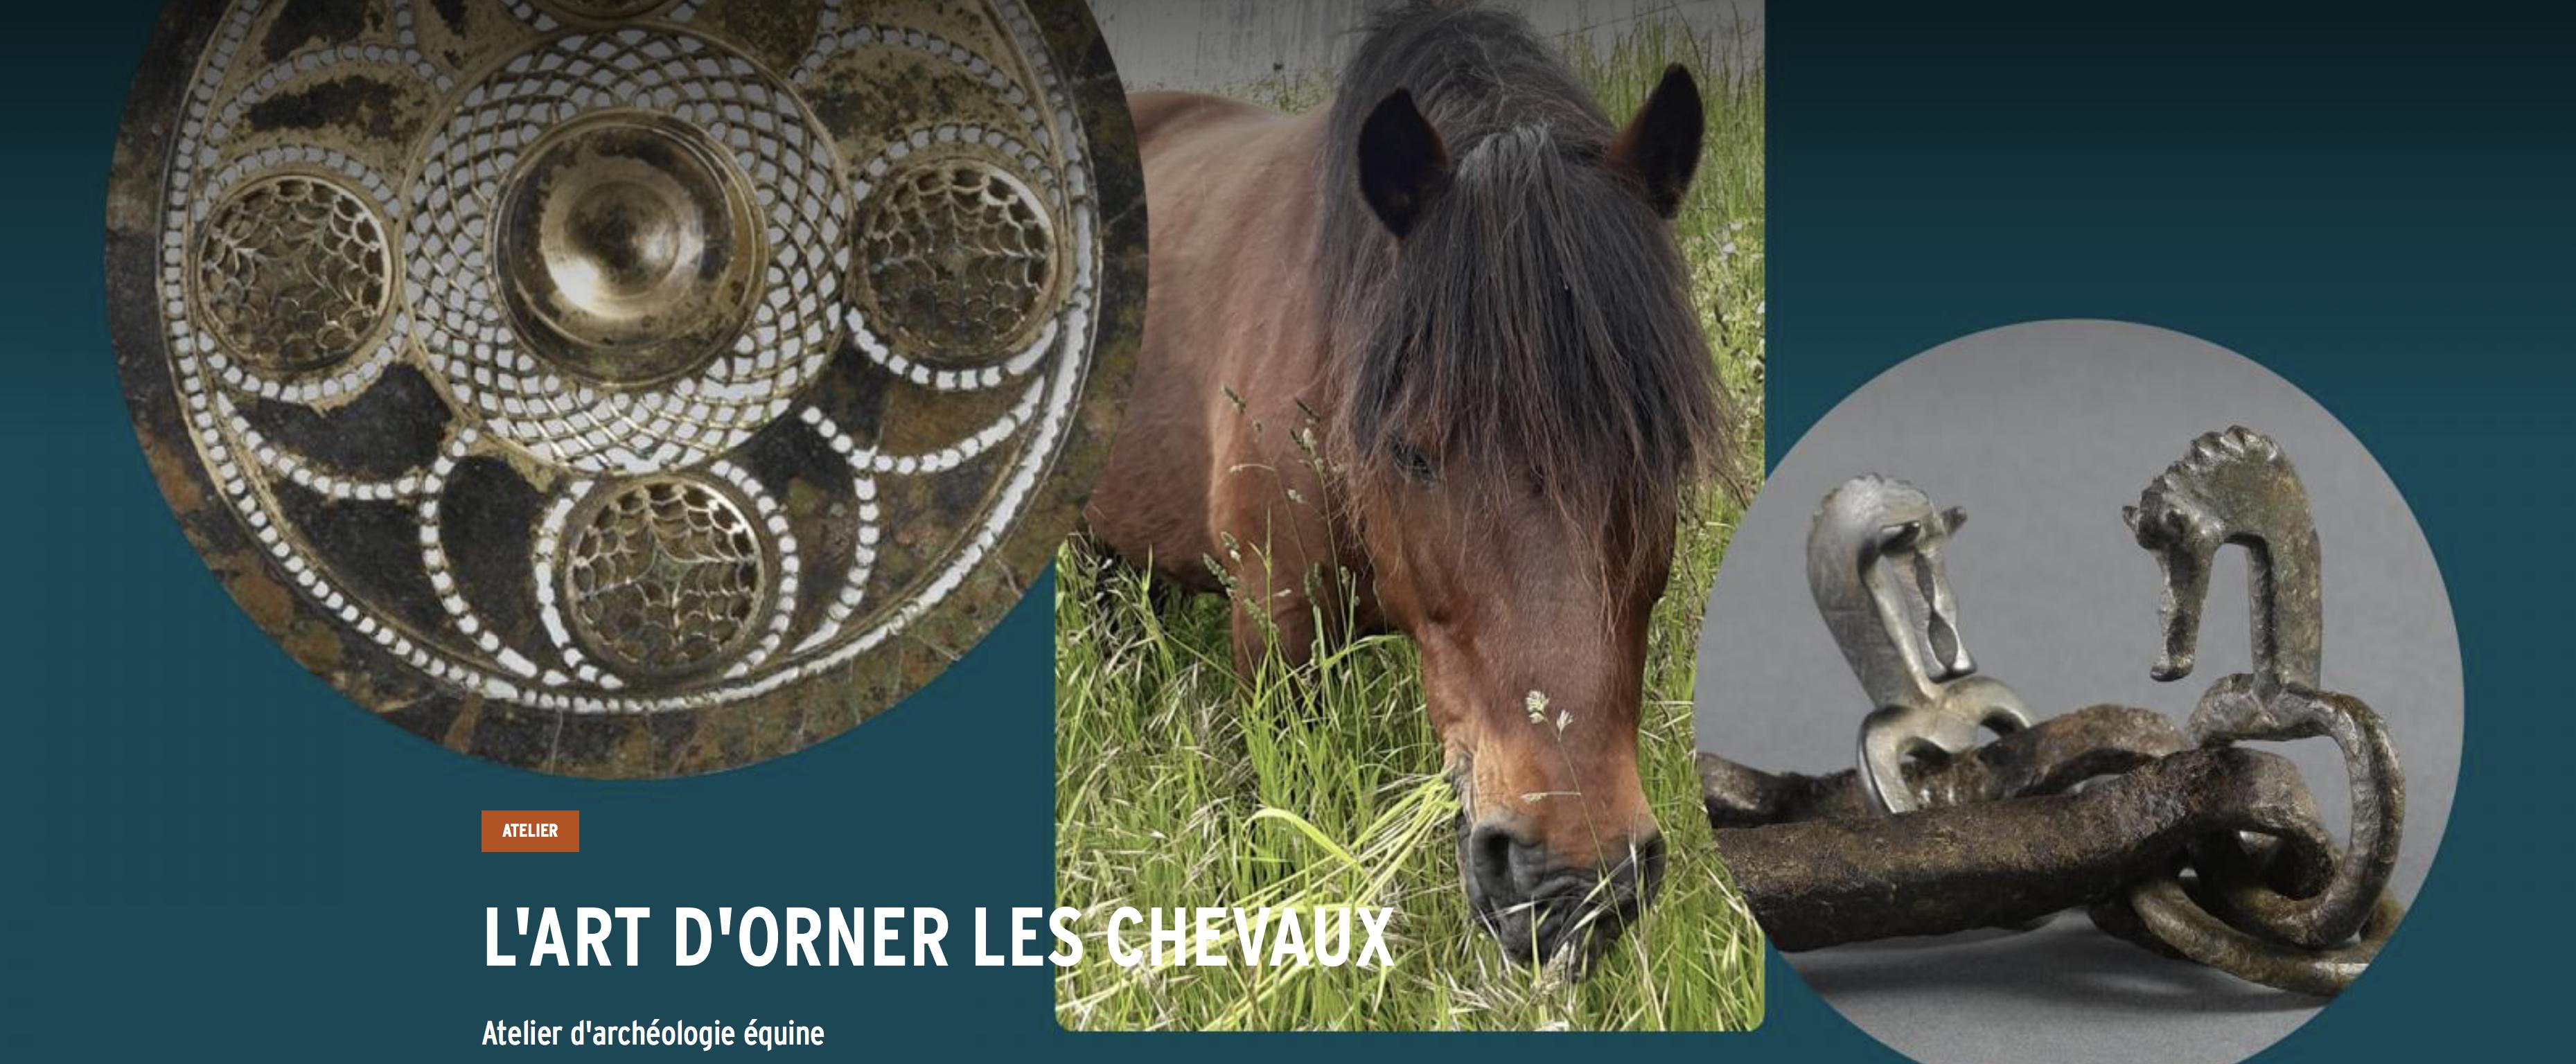 Atelier d'archéologie équine : l'art d'orner les chevaux